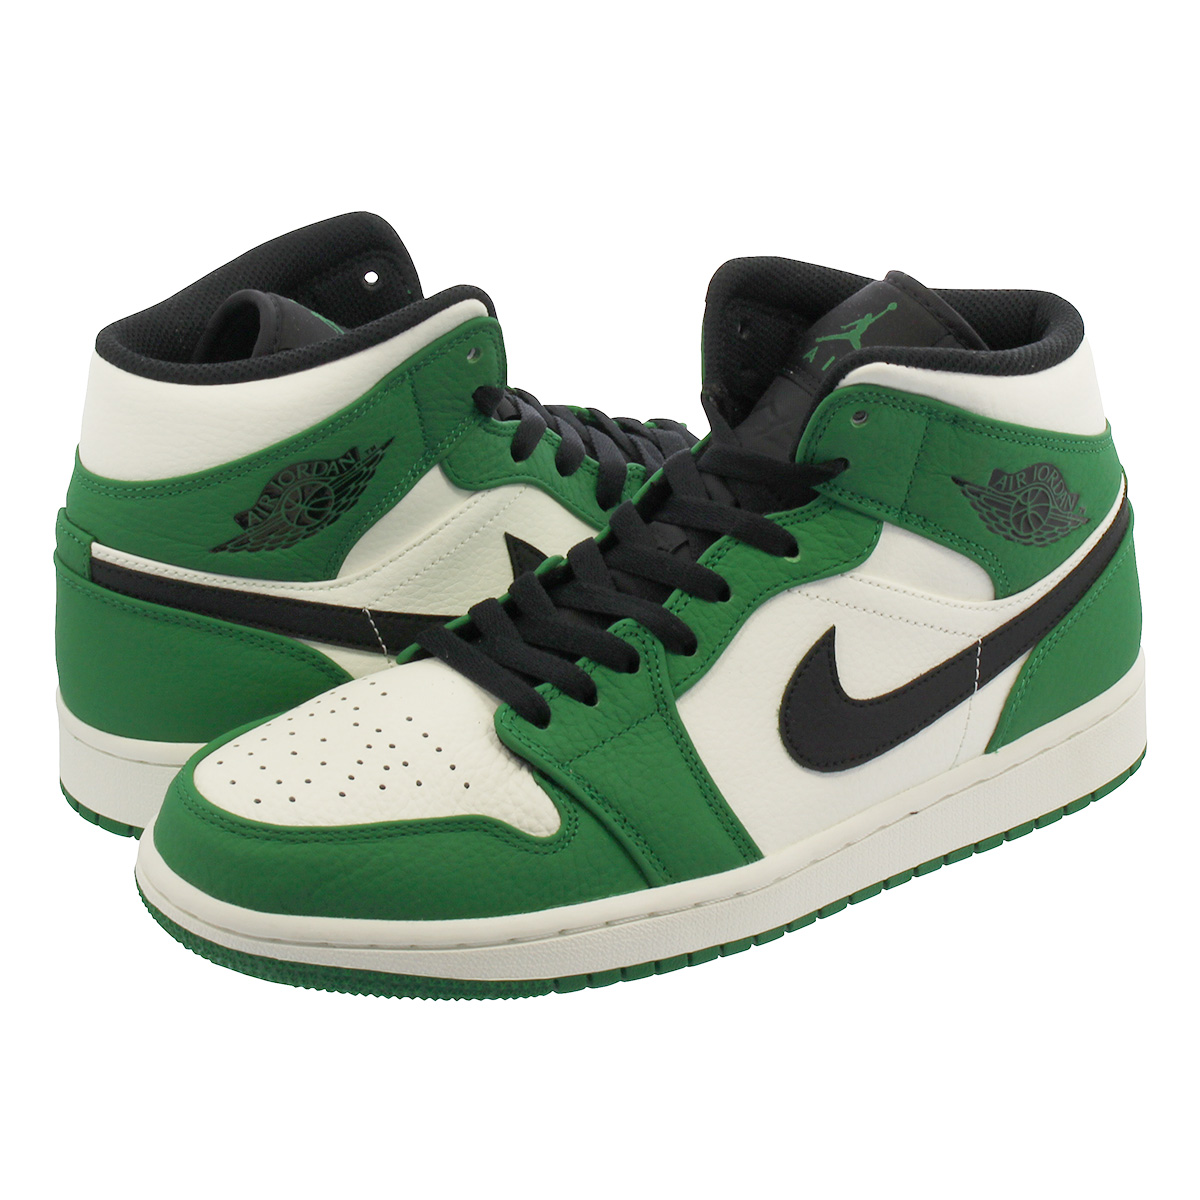 cheap for discount 997d5 a8eab NIKE AIR JORDAN 1 MID SE Nike Air Jordan 1 mid SE PINE GREEN/SAIL/BLACK  852,542-301